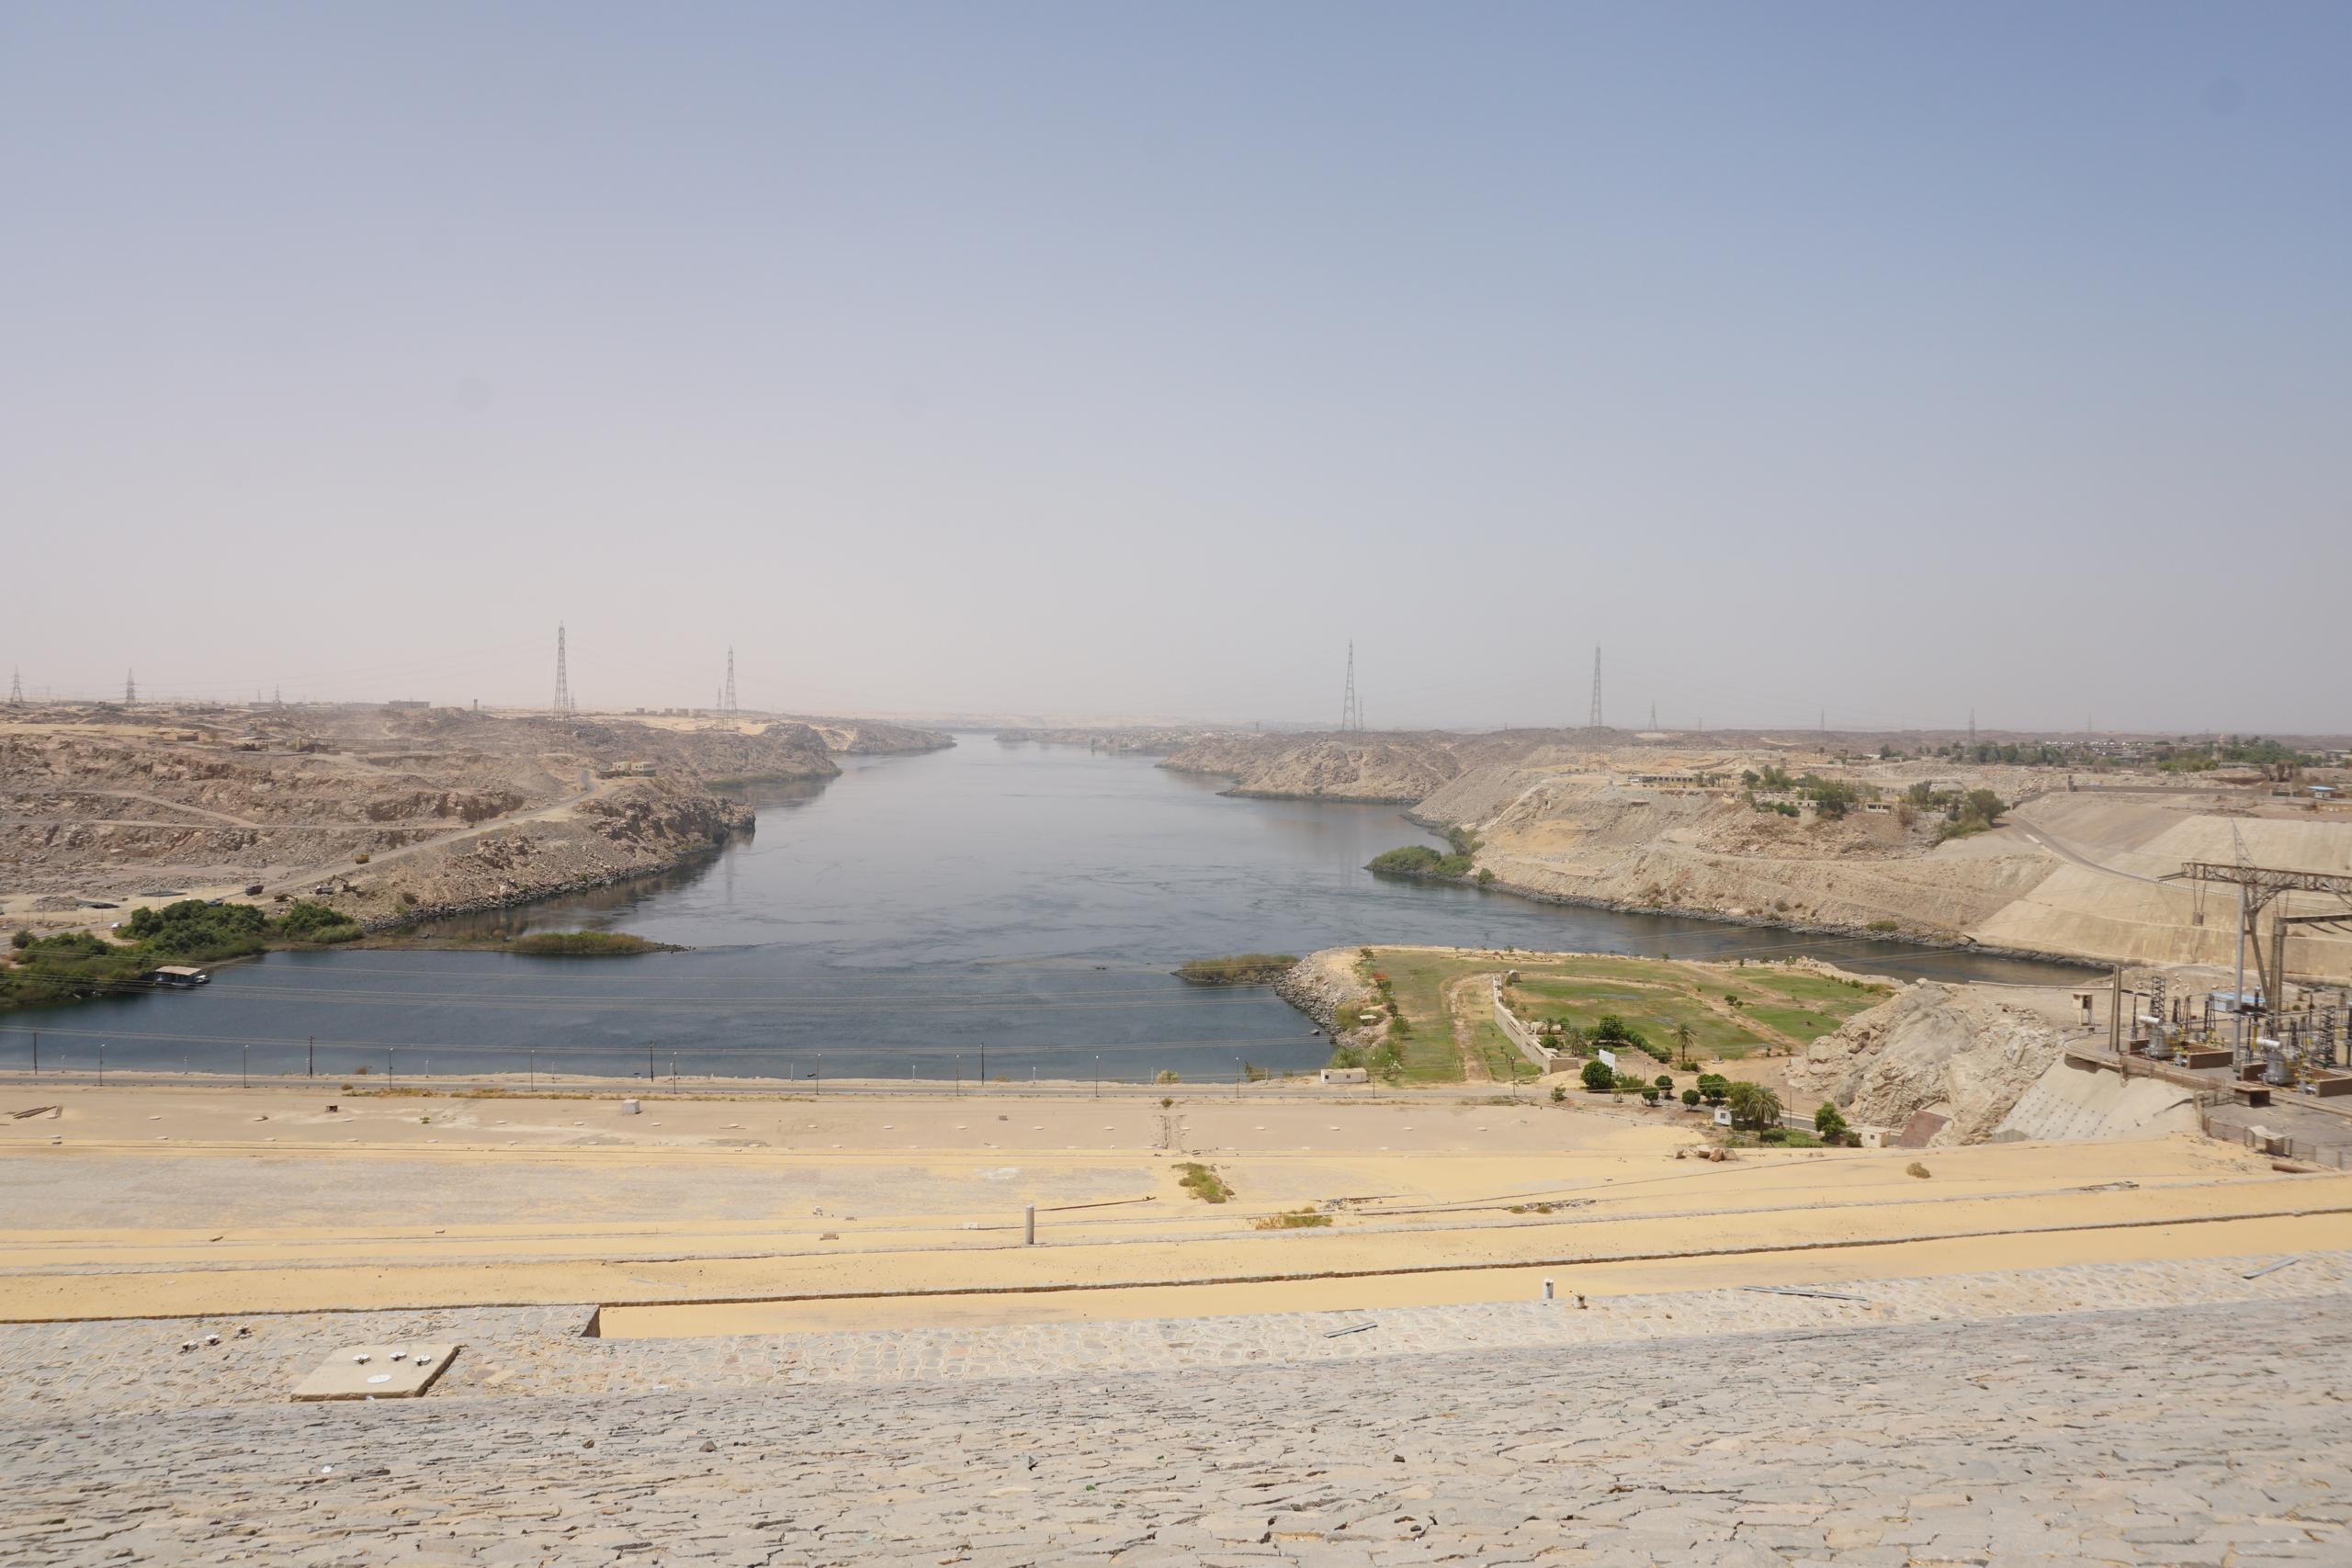 Асуанская плотина в Египте как туристический объект